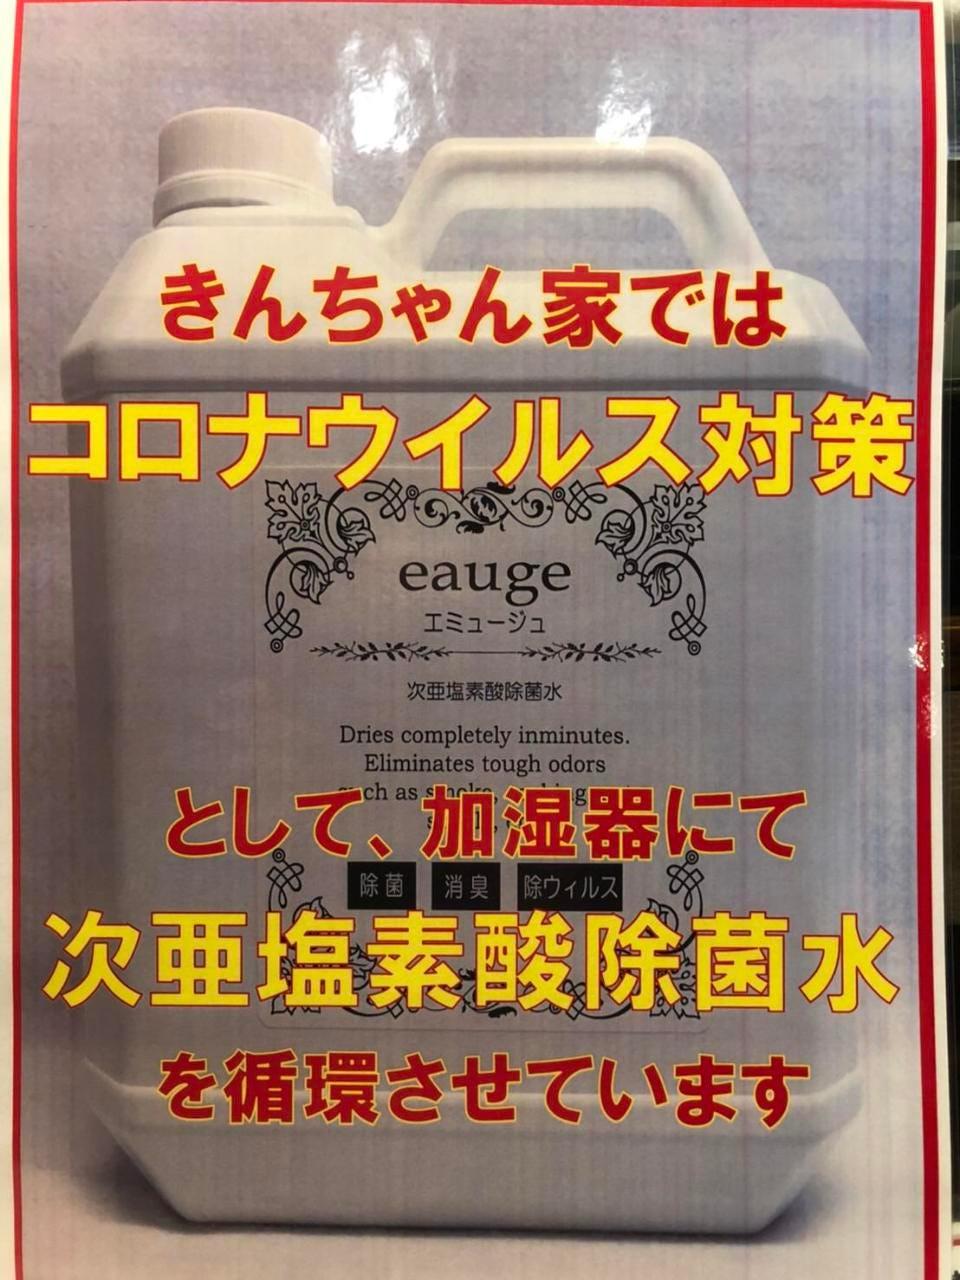 50円やきとり きんちゃん家 森下店